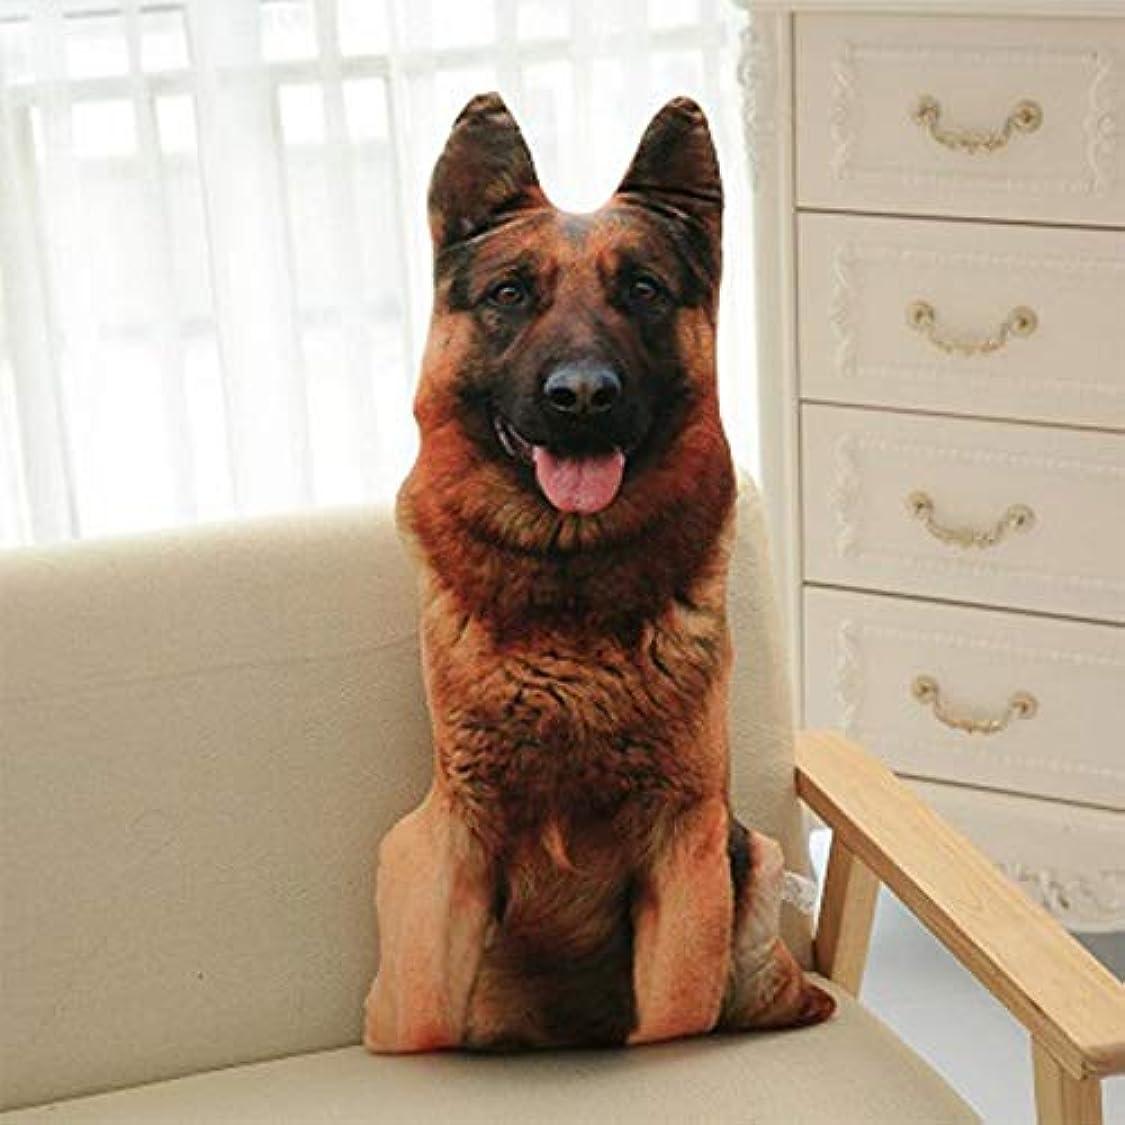 中傷作動するスキニーLIFE 3D プリントシミュレーション犬ぬいぐるみクッションぬいぐるみ犬ぬいぐるみ枕ぬいぐるみの漫画クッションキッズ人形ベストギフト クッション 椅子